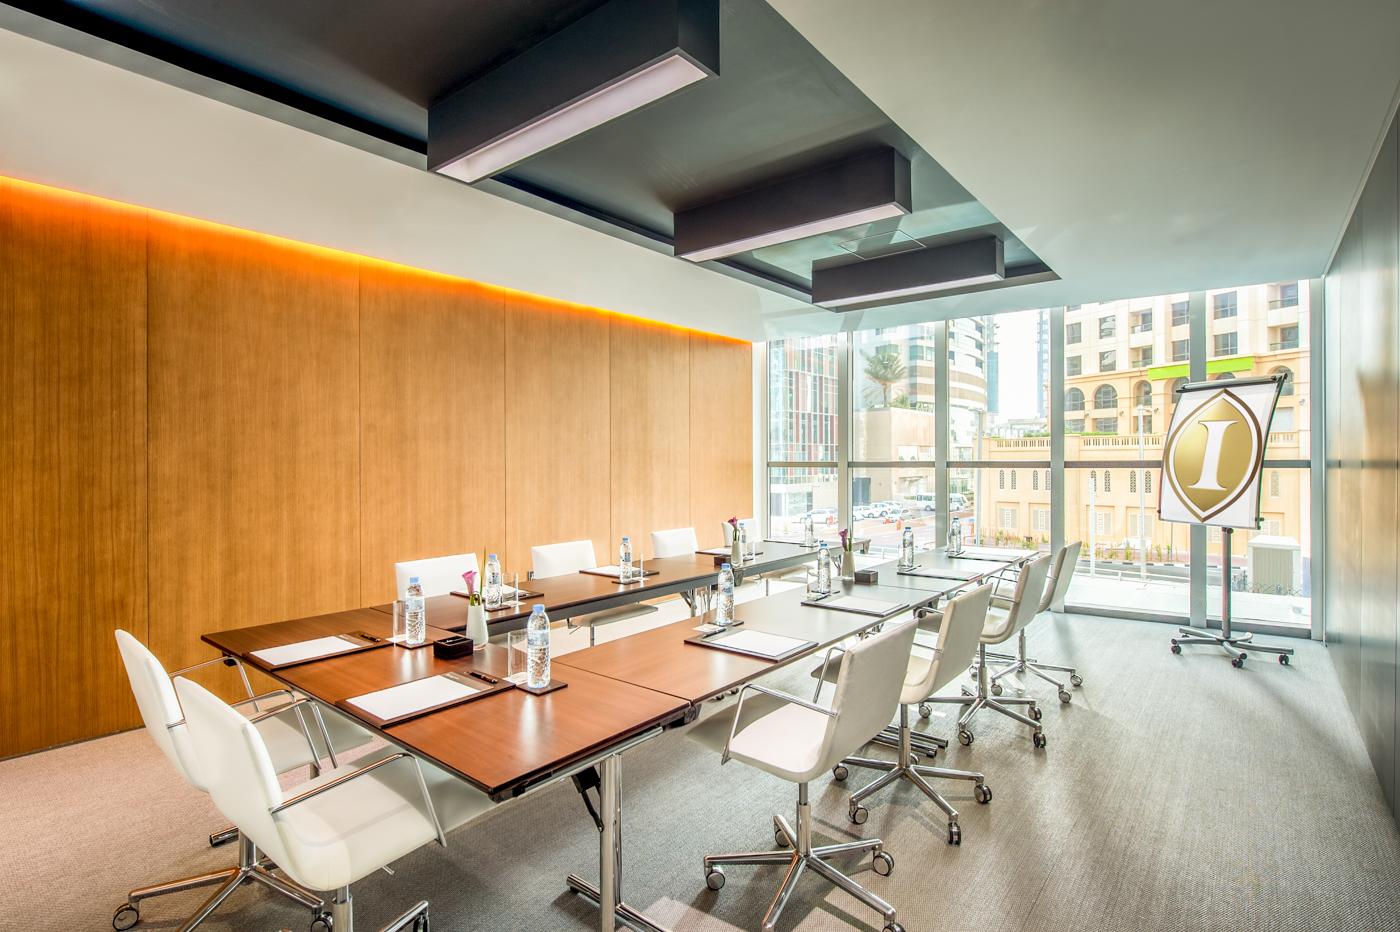 Meeting Room Admiral 1 view 1-Edit.jpg